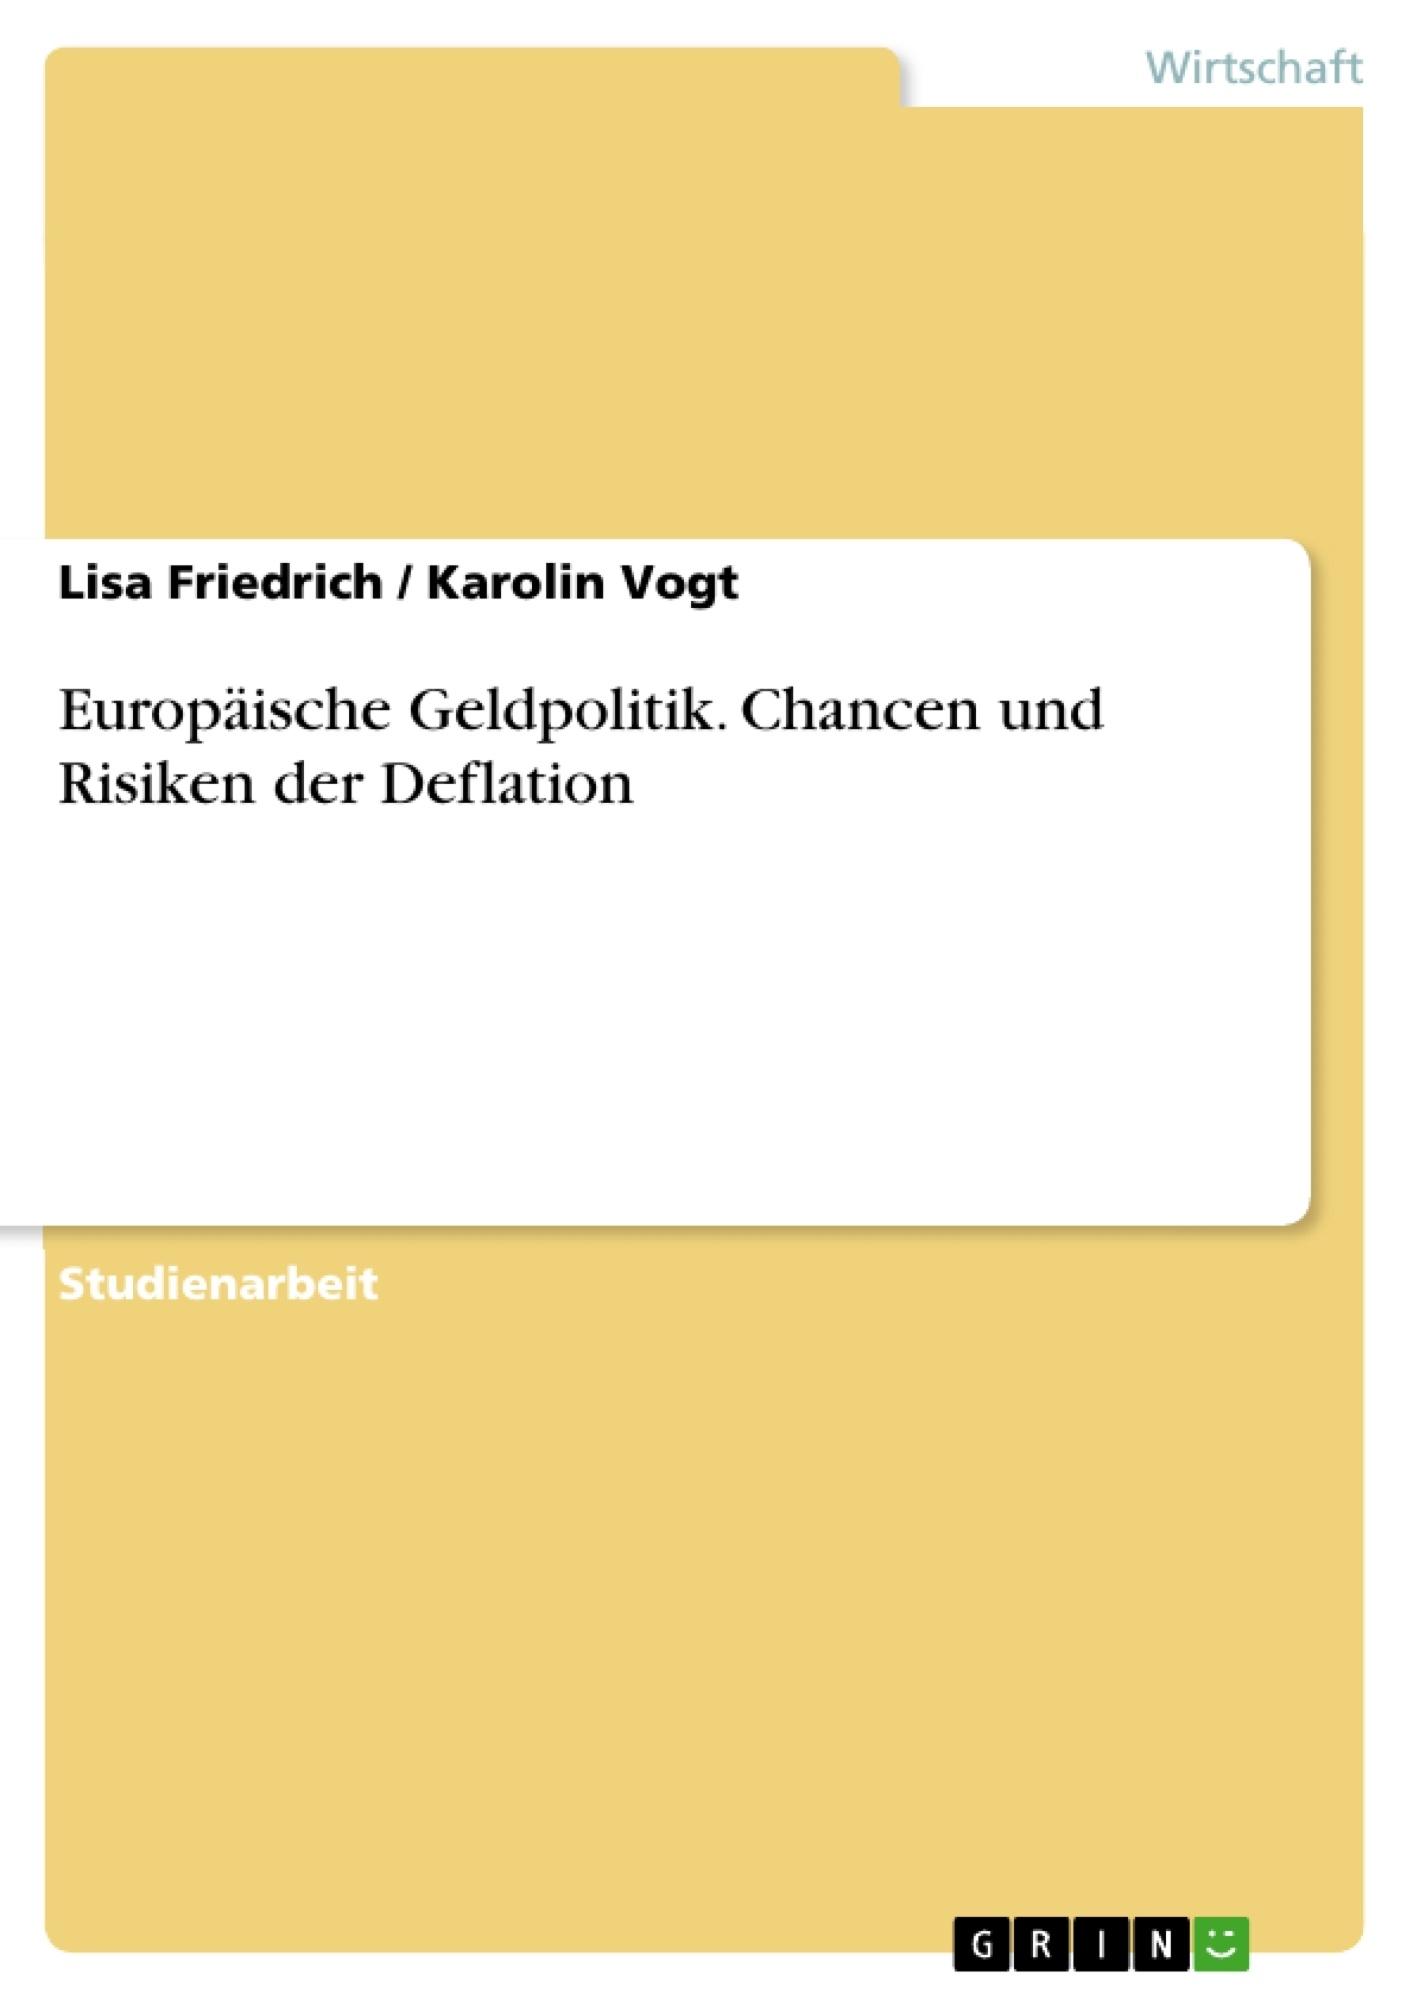 Titel: Europäische Geldpolitik. Chancen und Risiken der Deflation